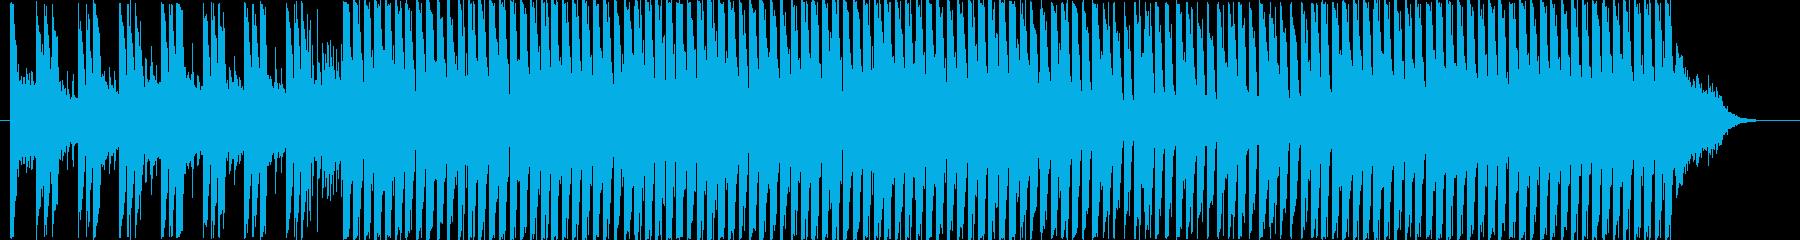 ポップなピアノダンス 商品説明 起承転結の再生済みの波形